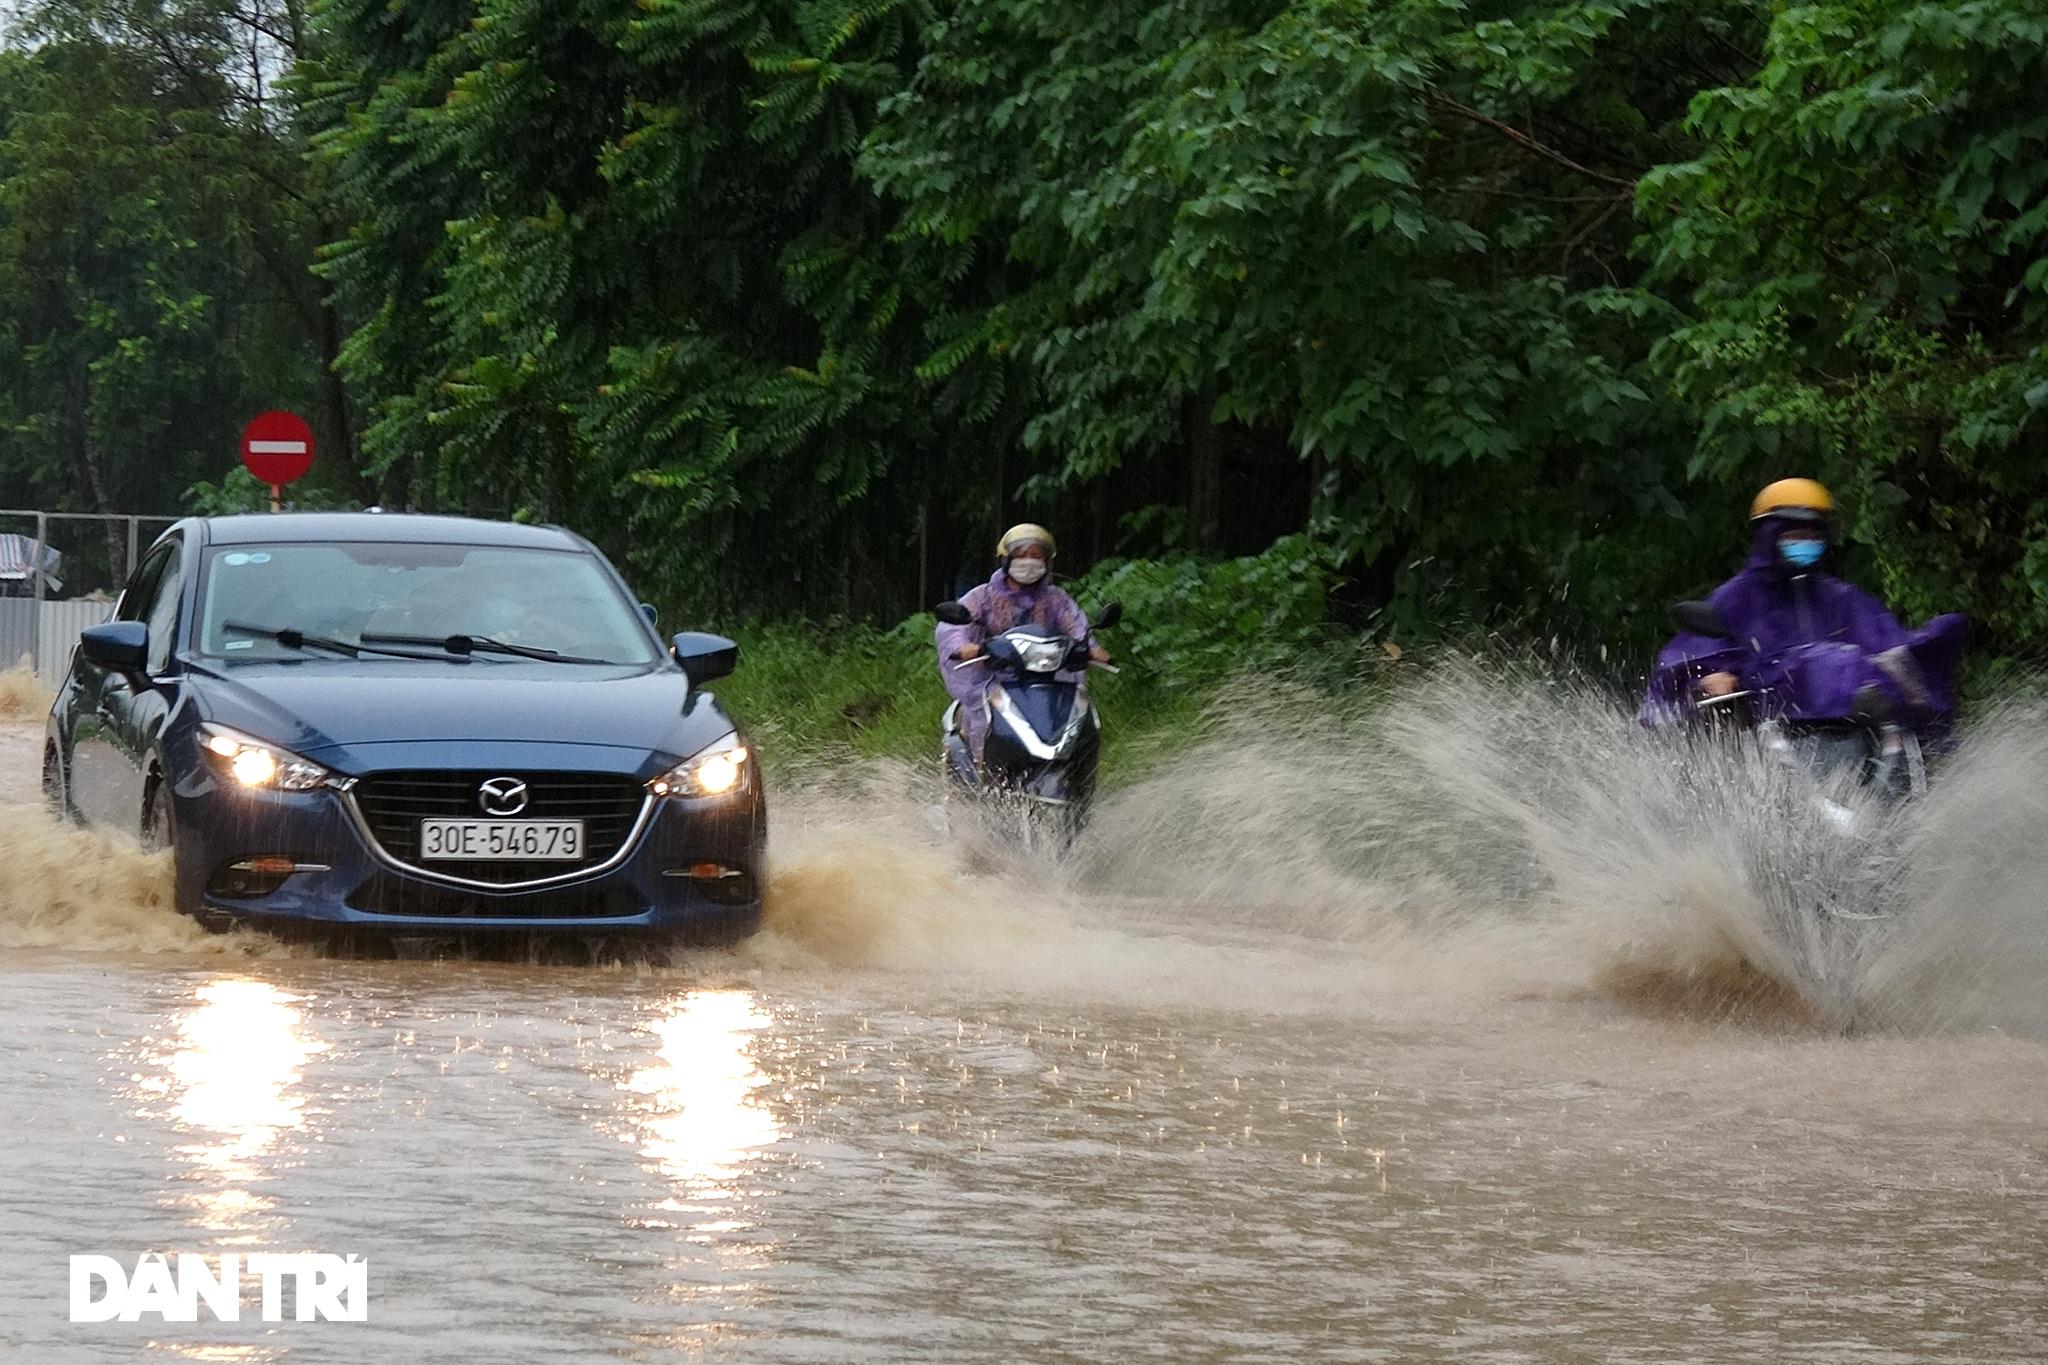 Bầu trời Hà Nội tối sầm sau mưa, xe cộ bật đèn pha lưu thông giữa ban ngày - 12